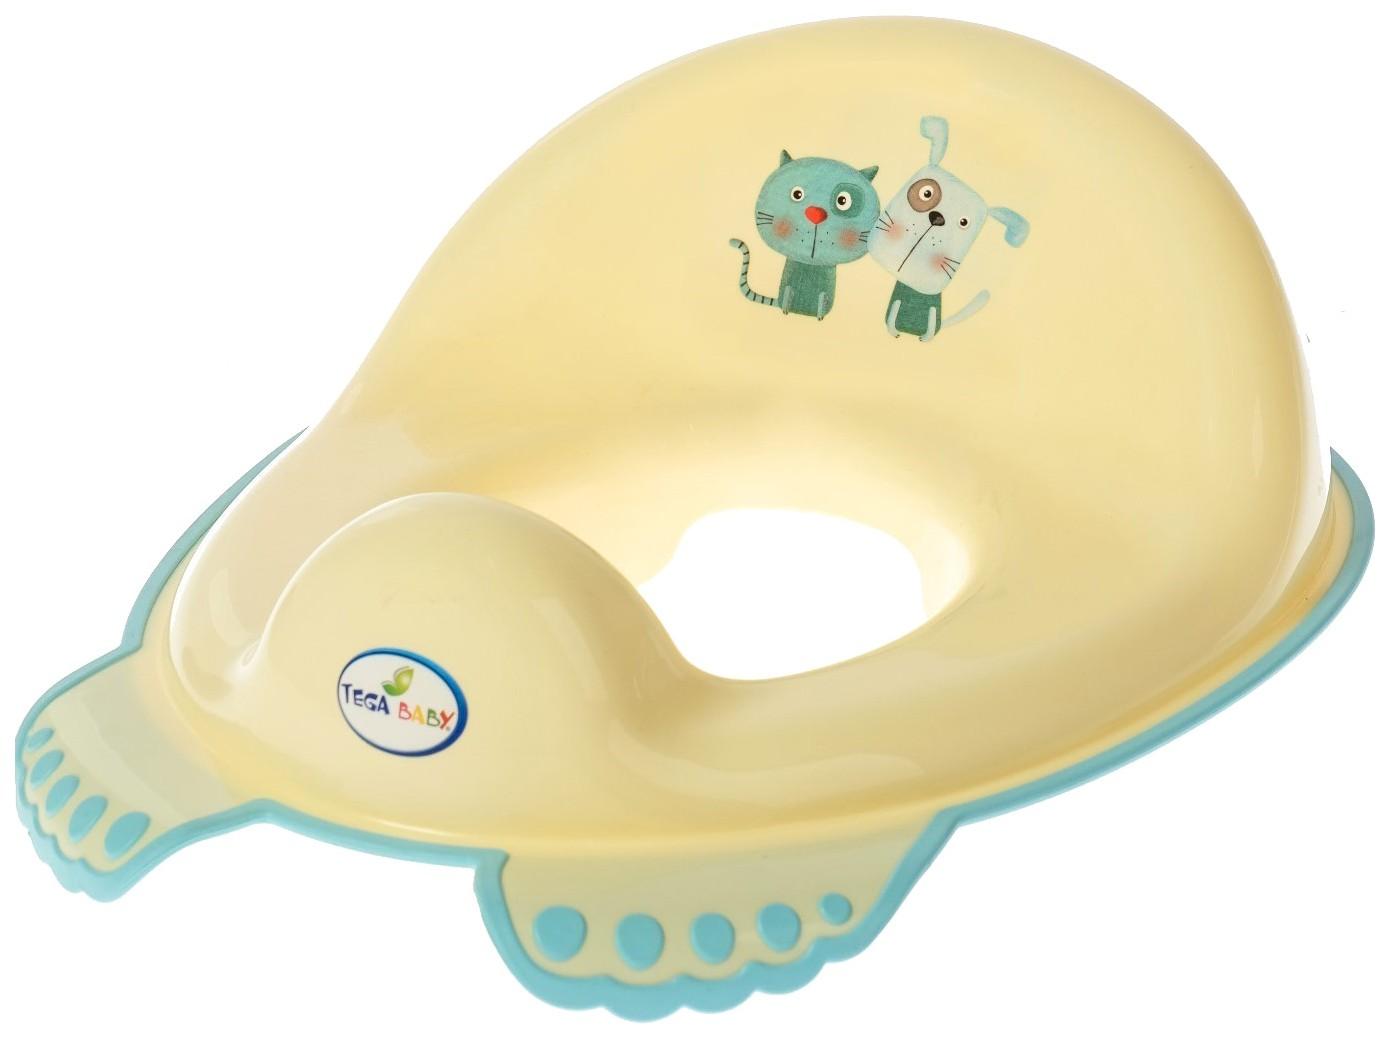 Купить Накладка на унитаз «КОТ и ПЁС», нескользящая, цвет жёлтый Tega Baby, Детская накладка на унитаз